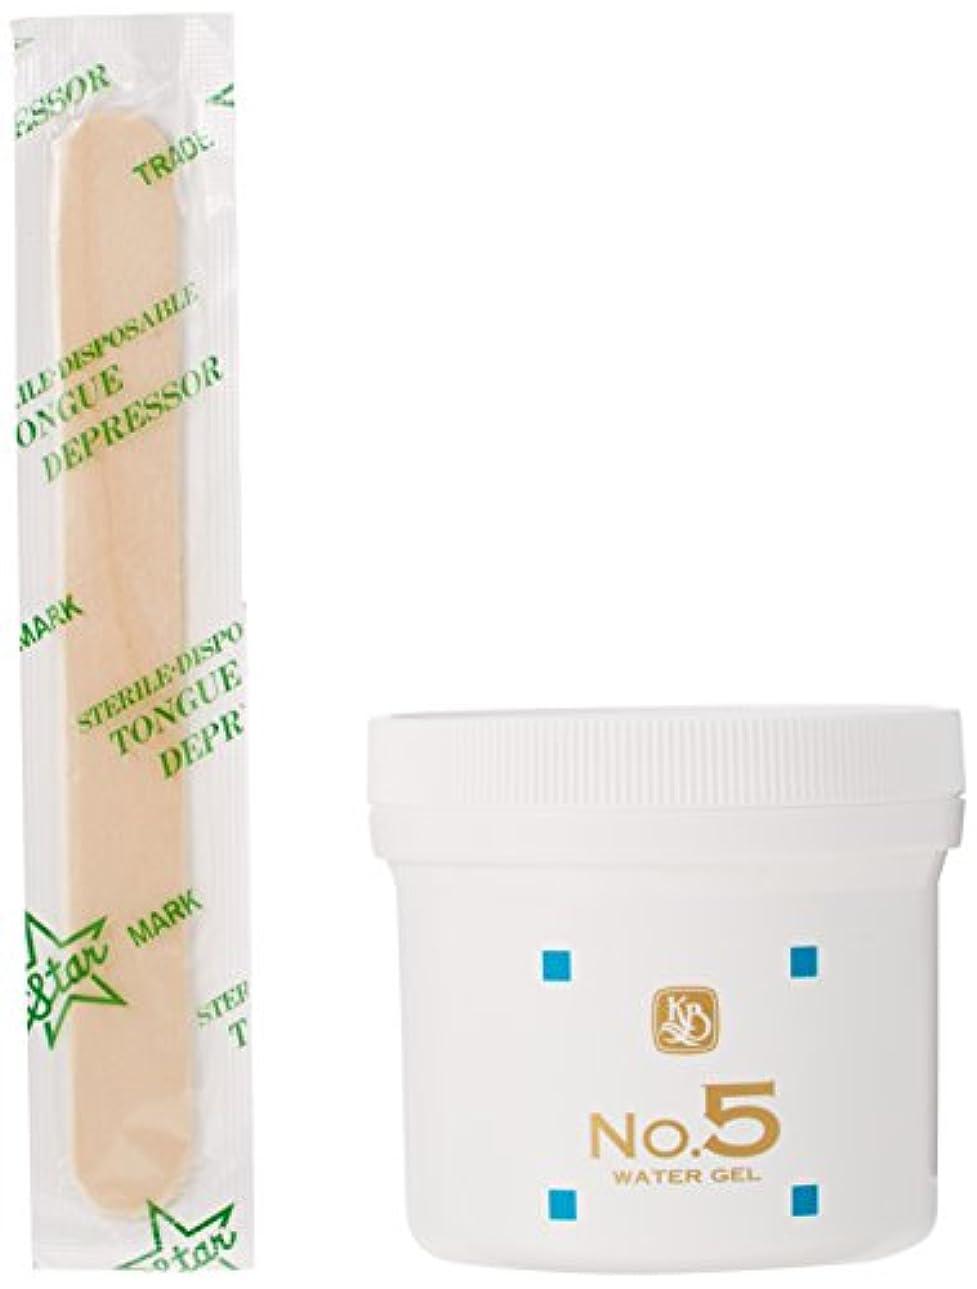 野心デイジー実用的顔を洗う水 No.5 ウォーターゲル 保湿パック 250g